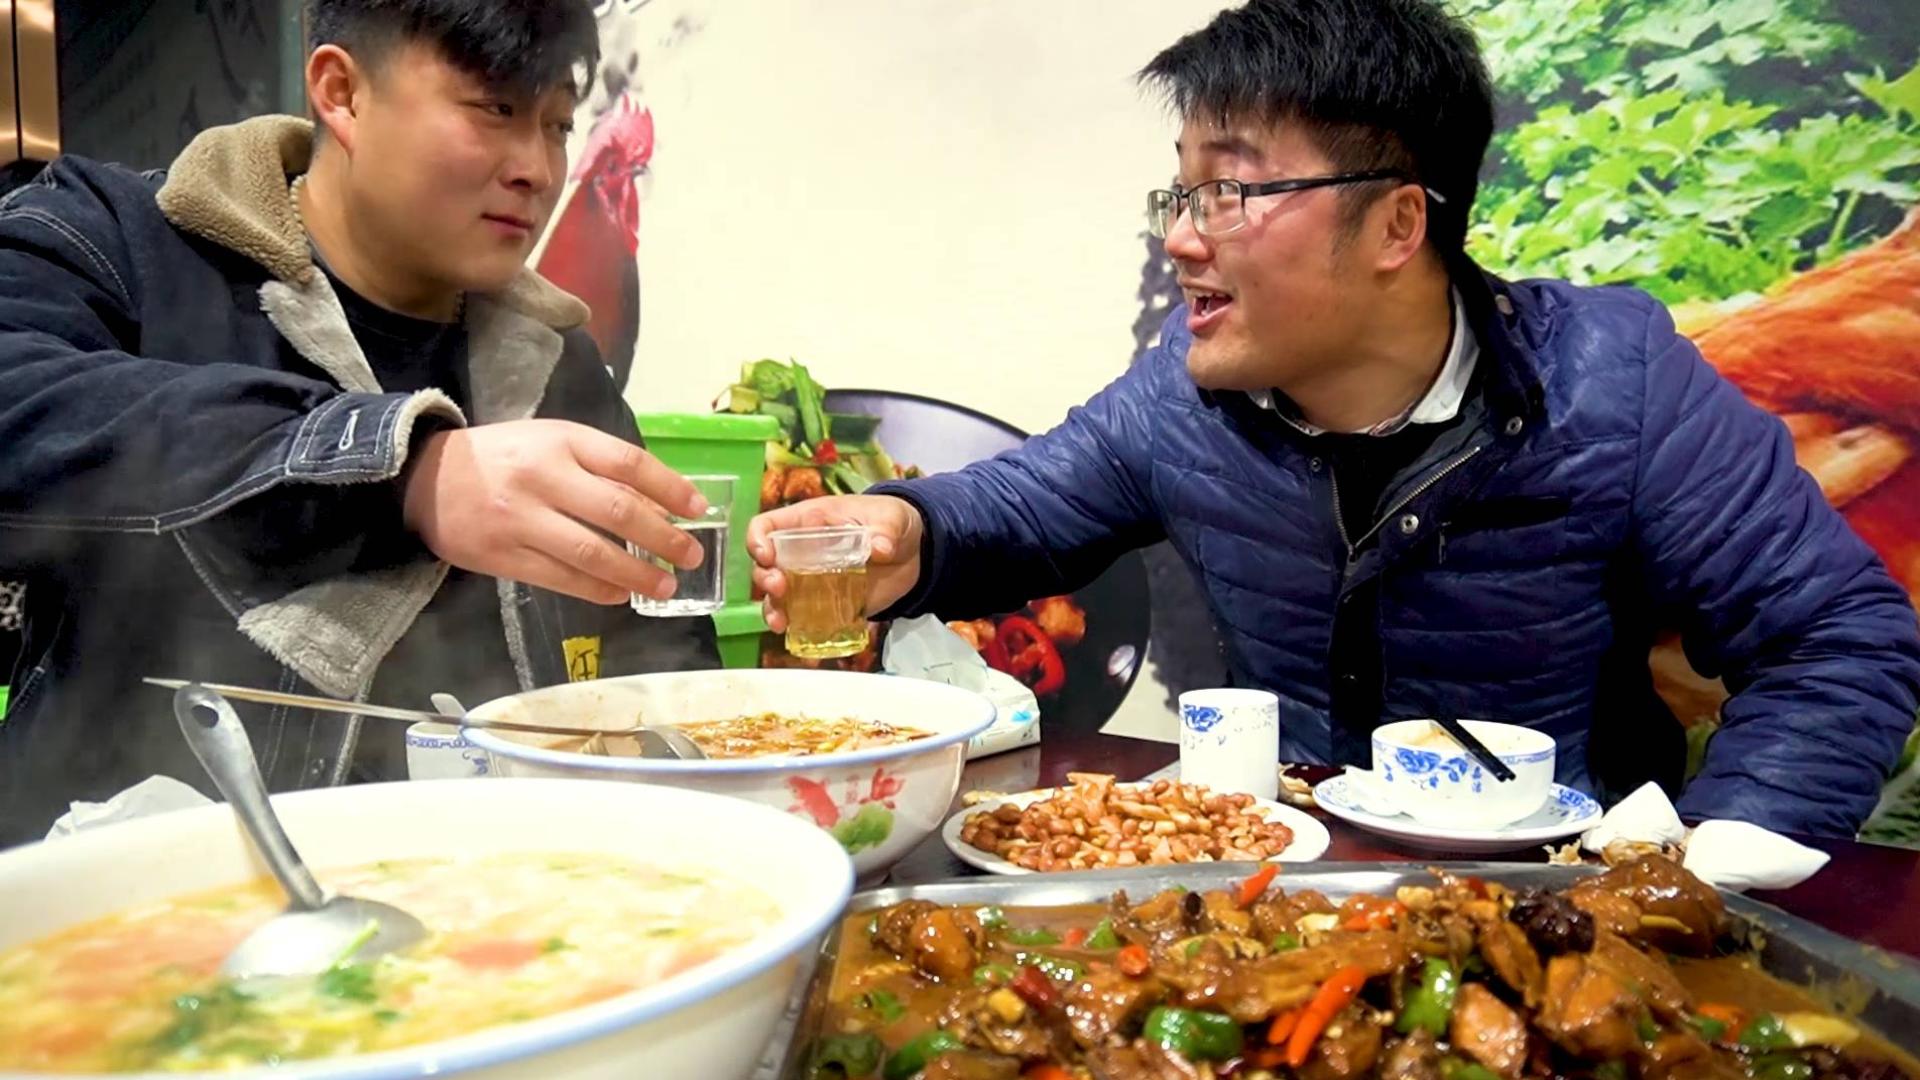 两个朋友找大sao喝酒,180元点一桌菜,炒鸡煮鱼二荆条,小酒喝爽